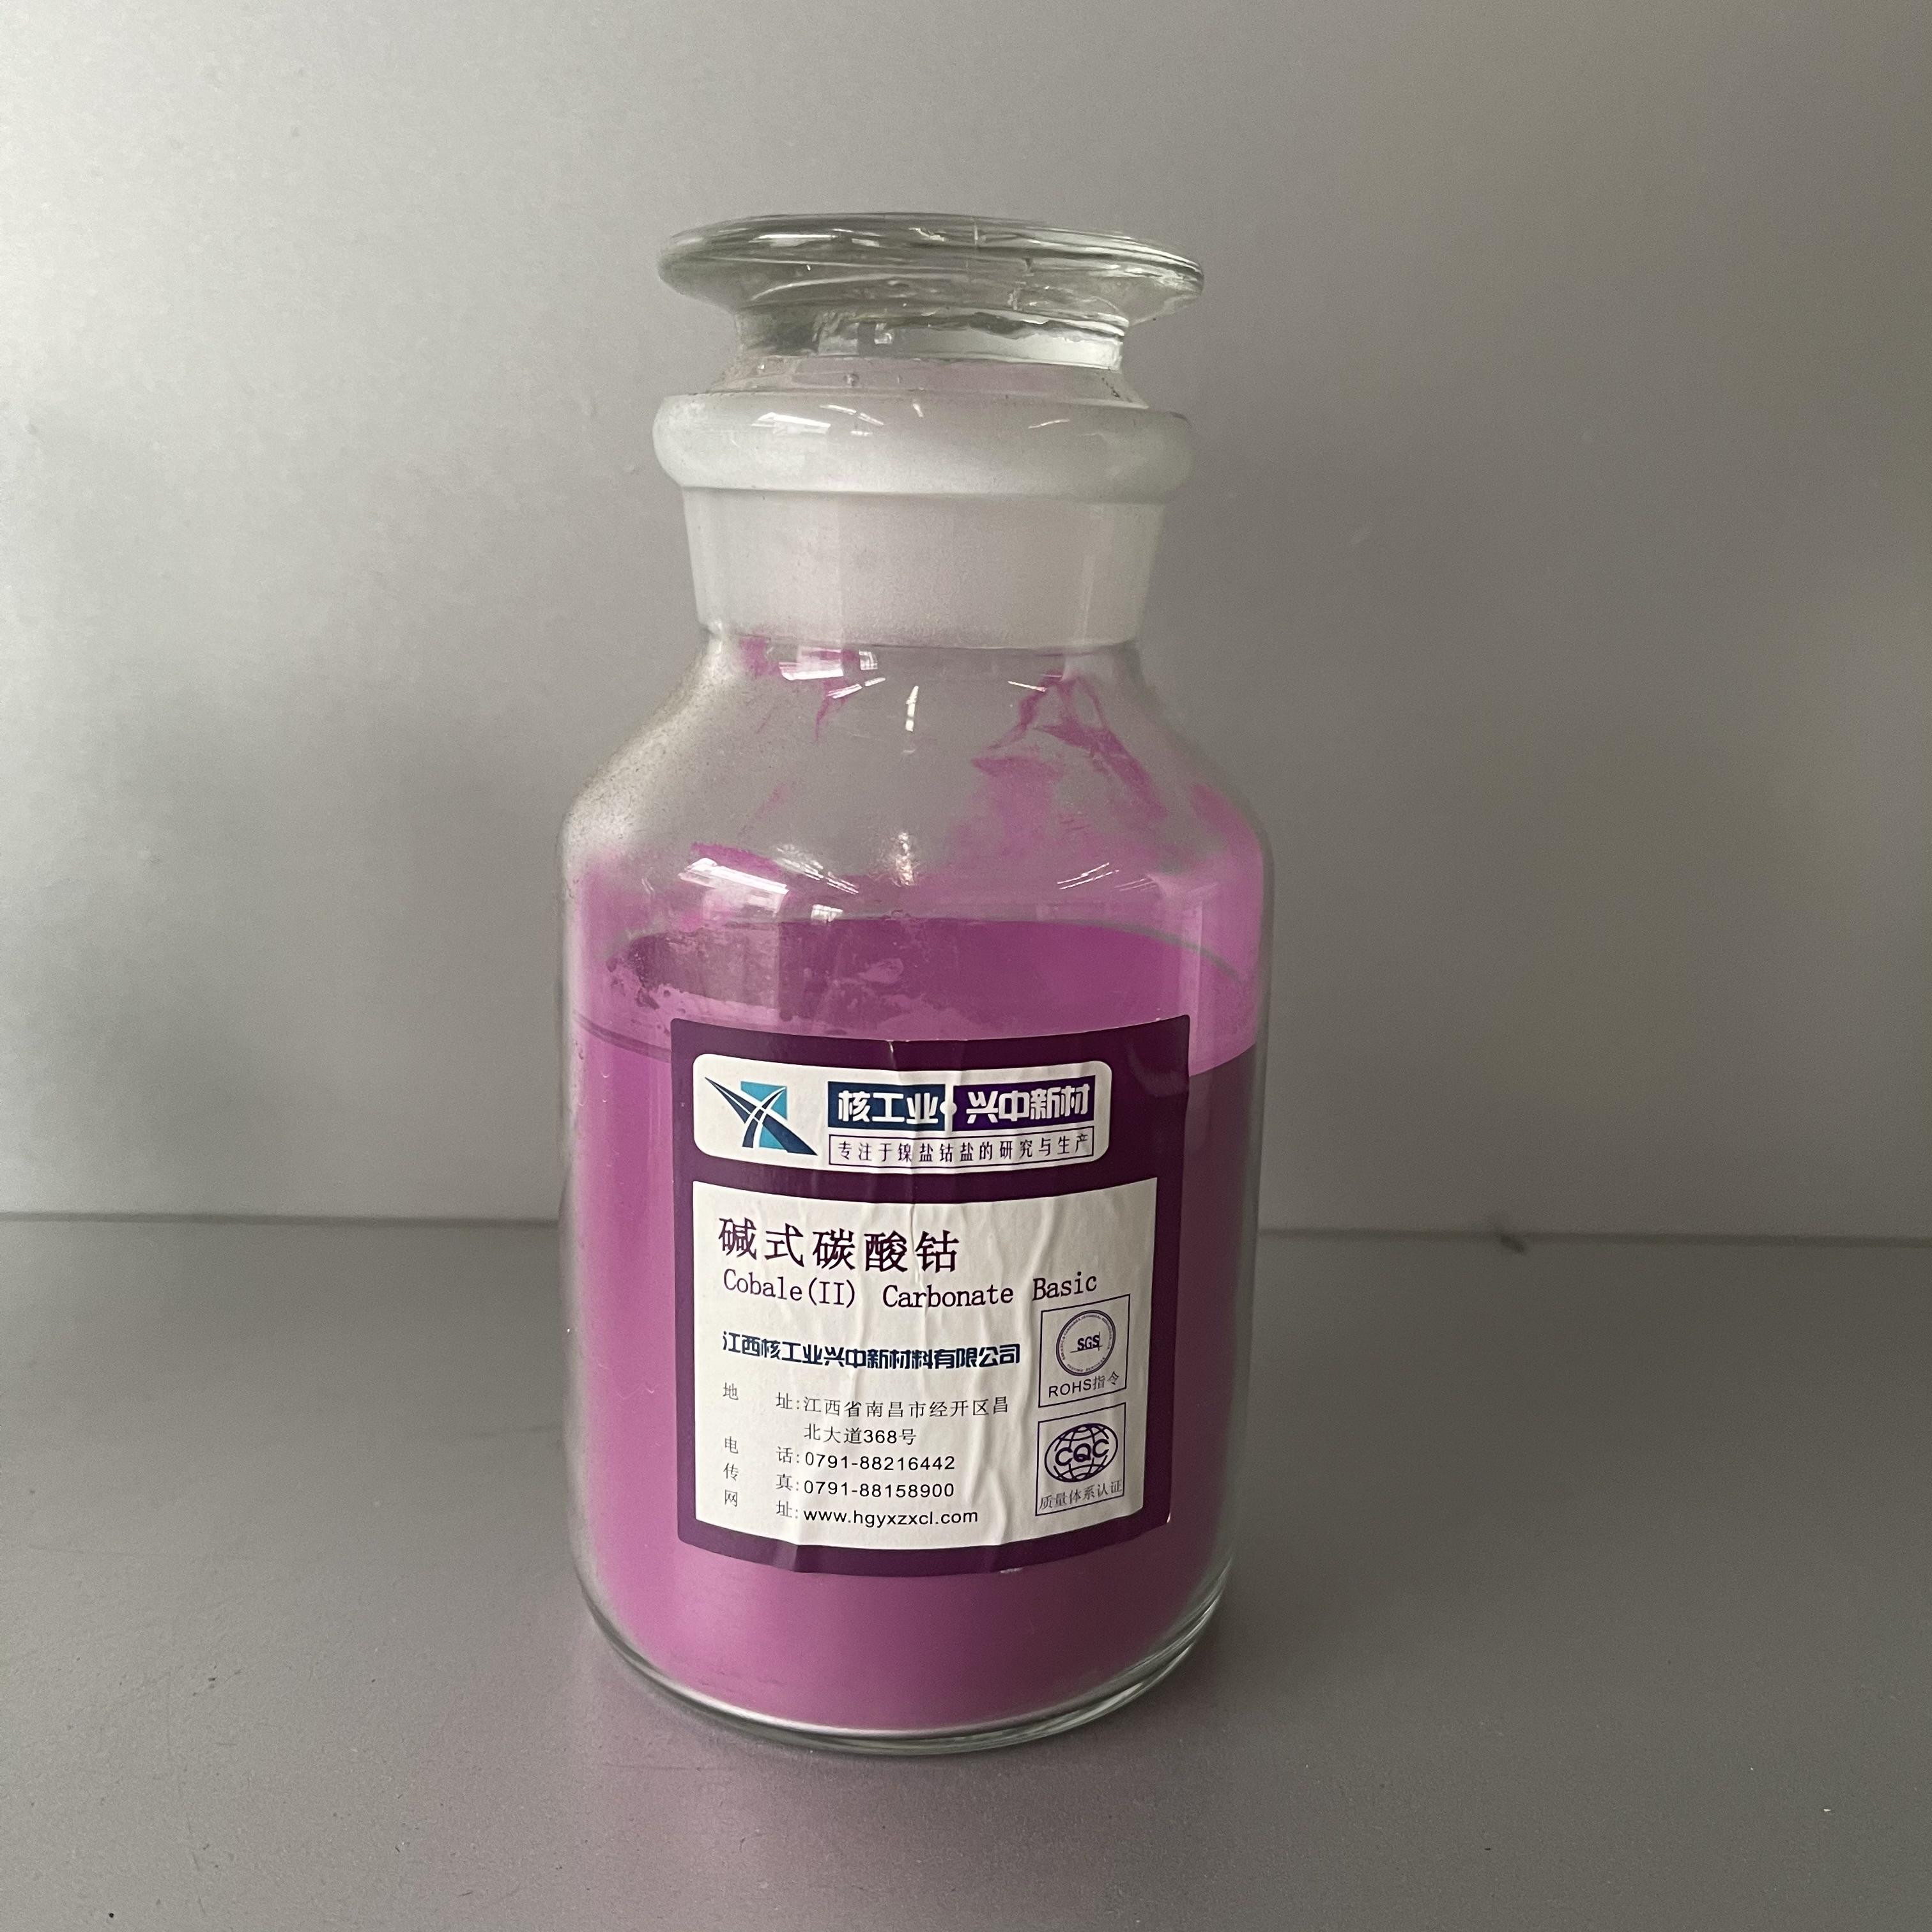 江西核工业 碱式碳酸钴 国企工厂 石油催化剂 46含量